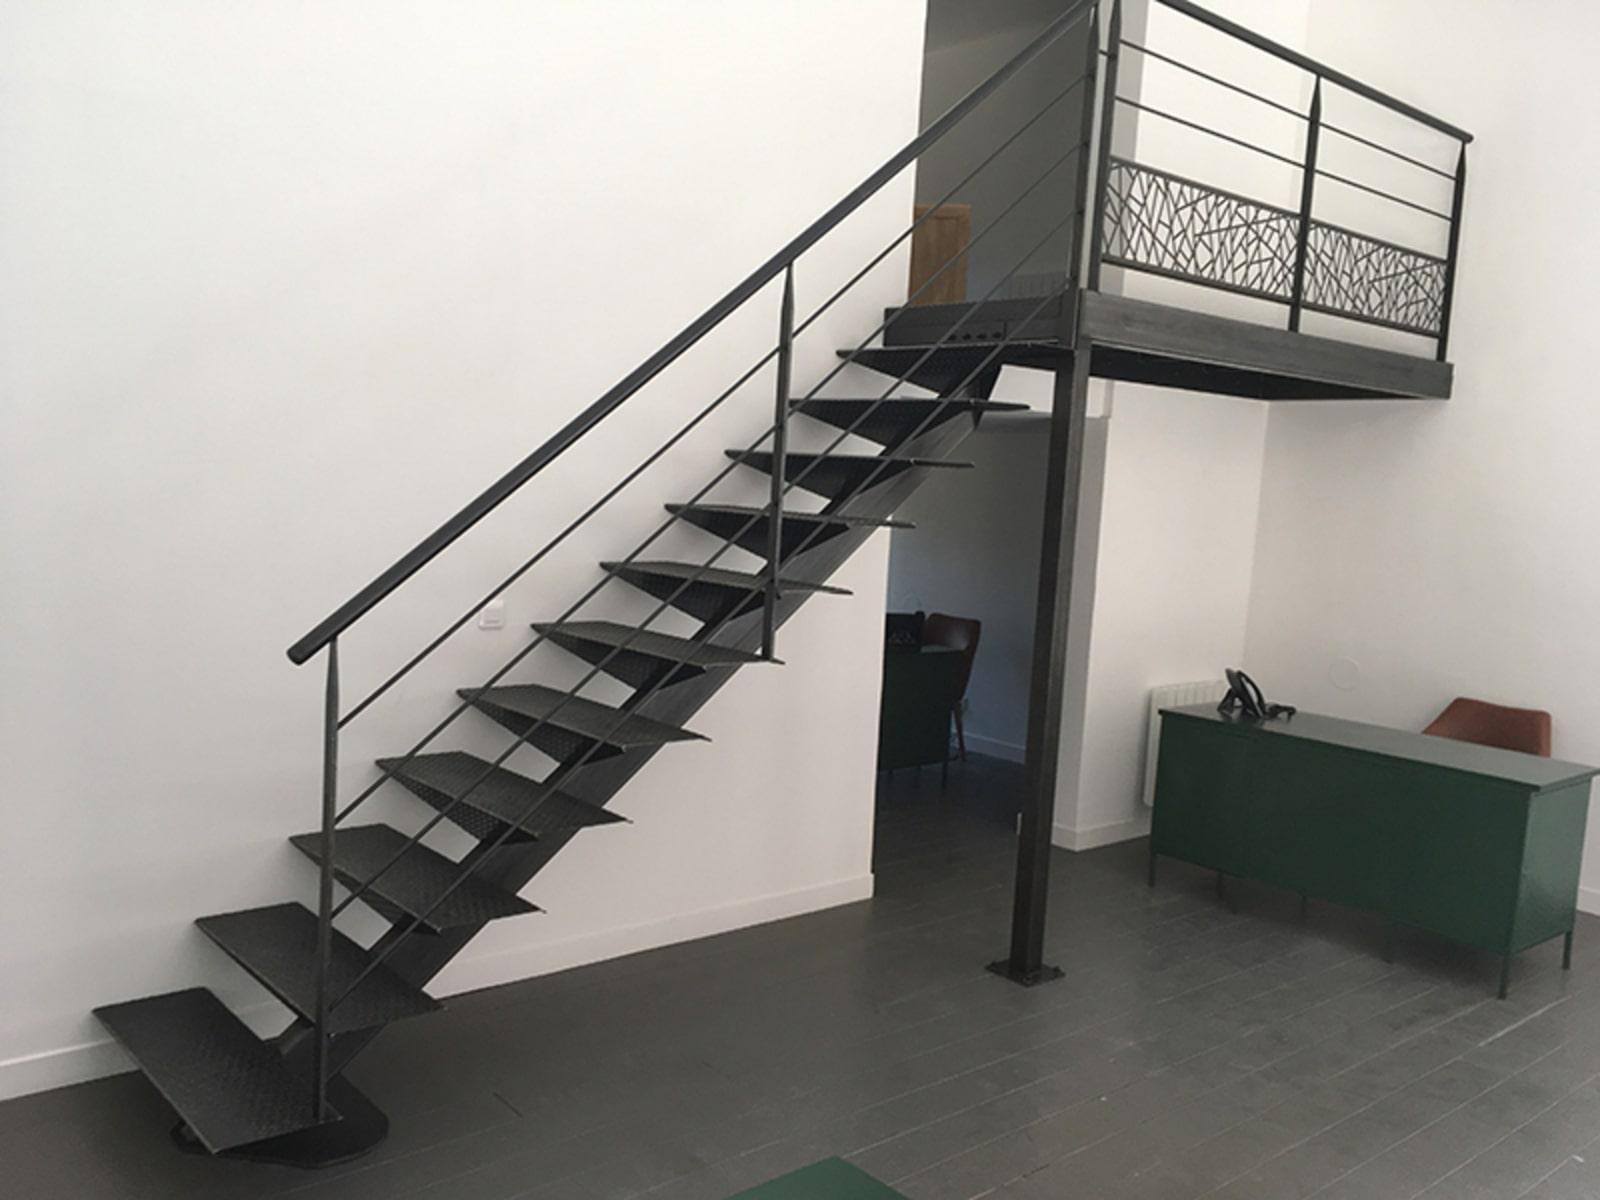 Escalier sur mesure métal : seulement en extérieur ?